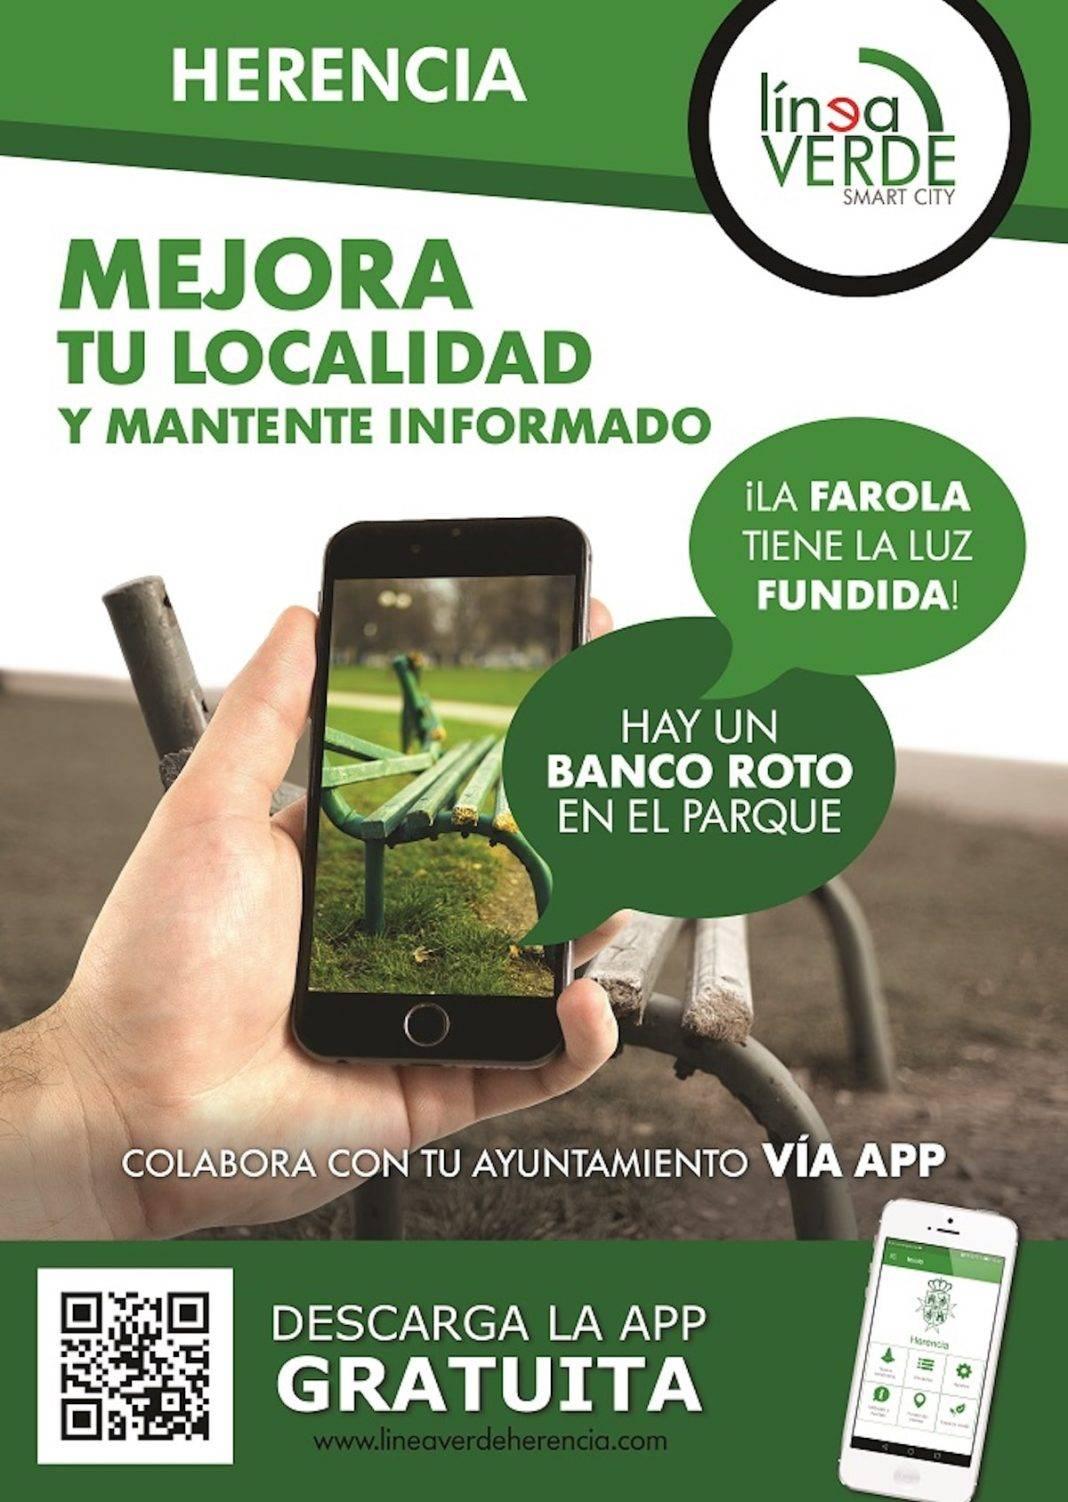 Herencia Incidencias 1068x1502 - Balance positivo del funcionamiento del servicio de Línea Verde de Herencia